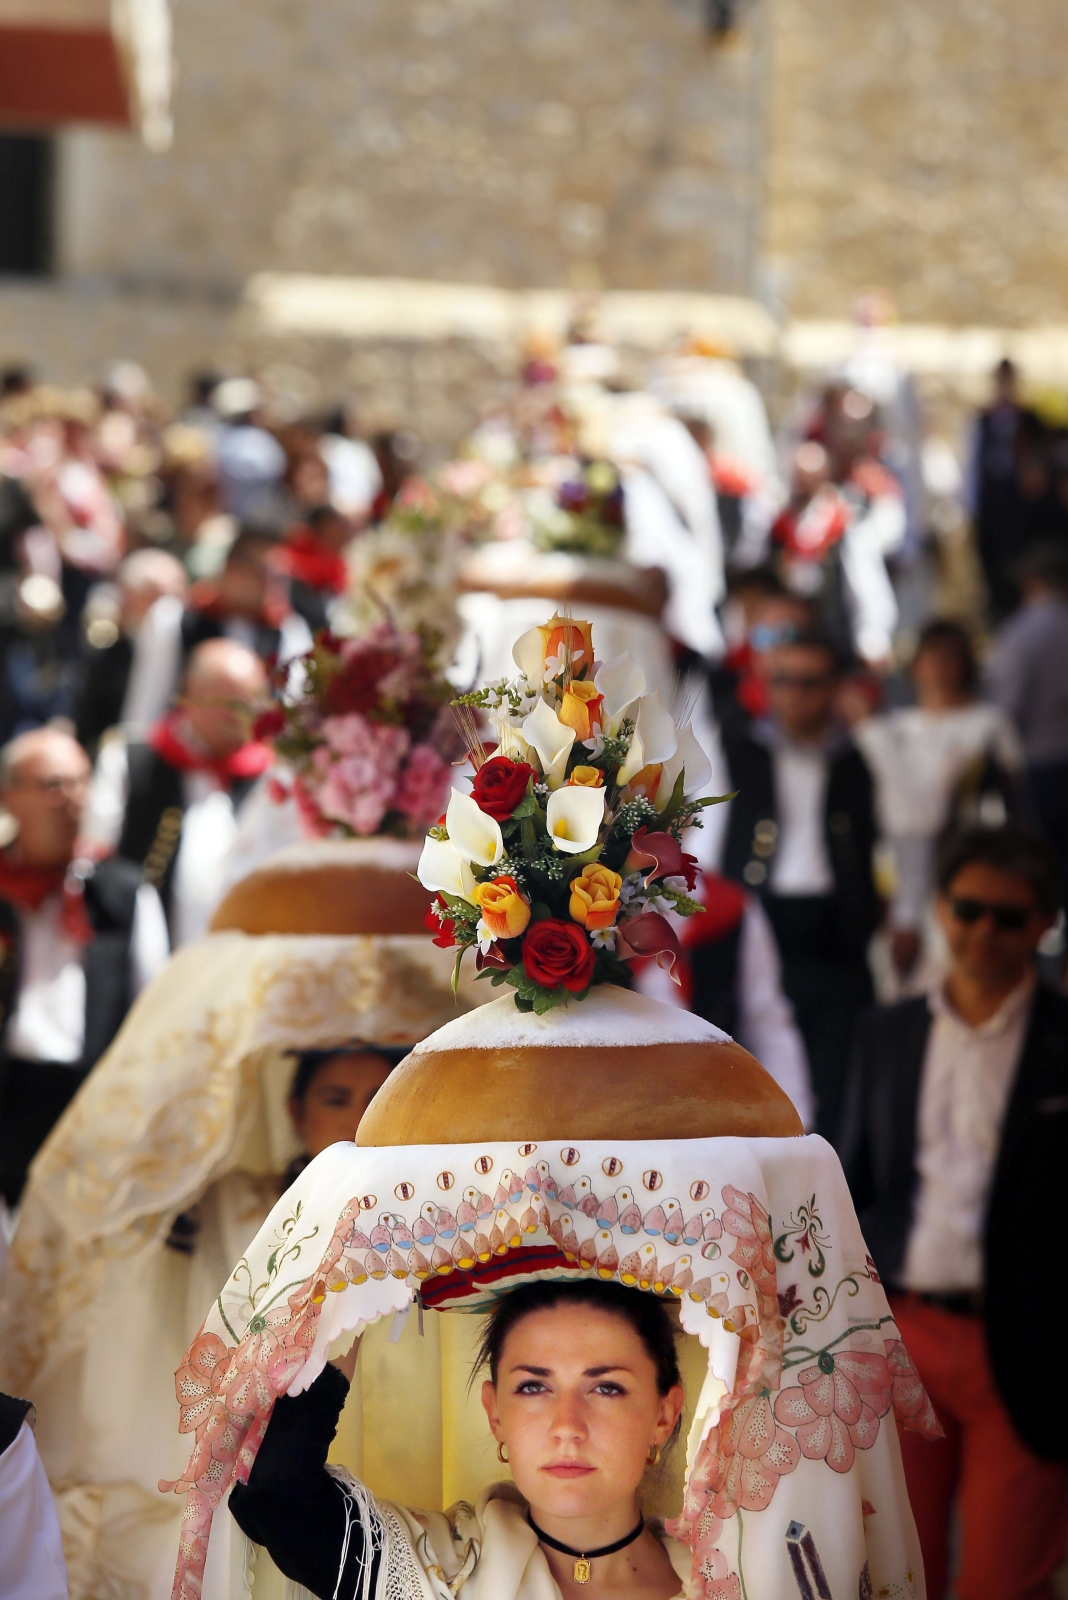 Kobiety ubrane w tradycyjne stroje kultywują starą hiszpańską tradycję niosąc na głowie pobłogosławiony chleb w darze dla św. Grzegorza w Torremanzanas, Hiszpania.